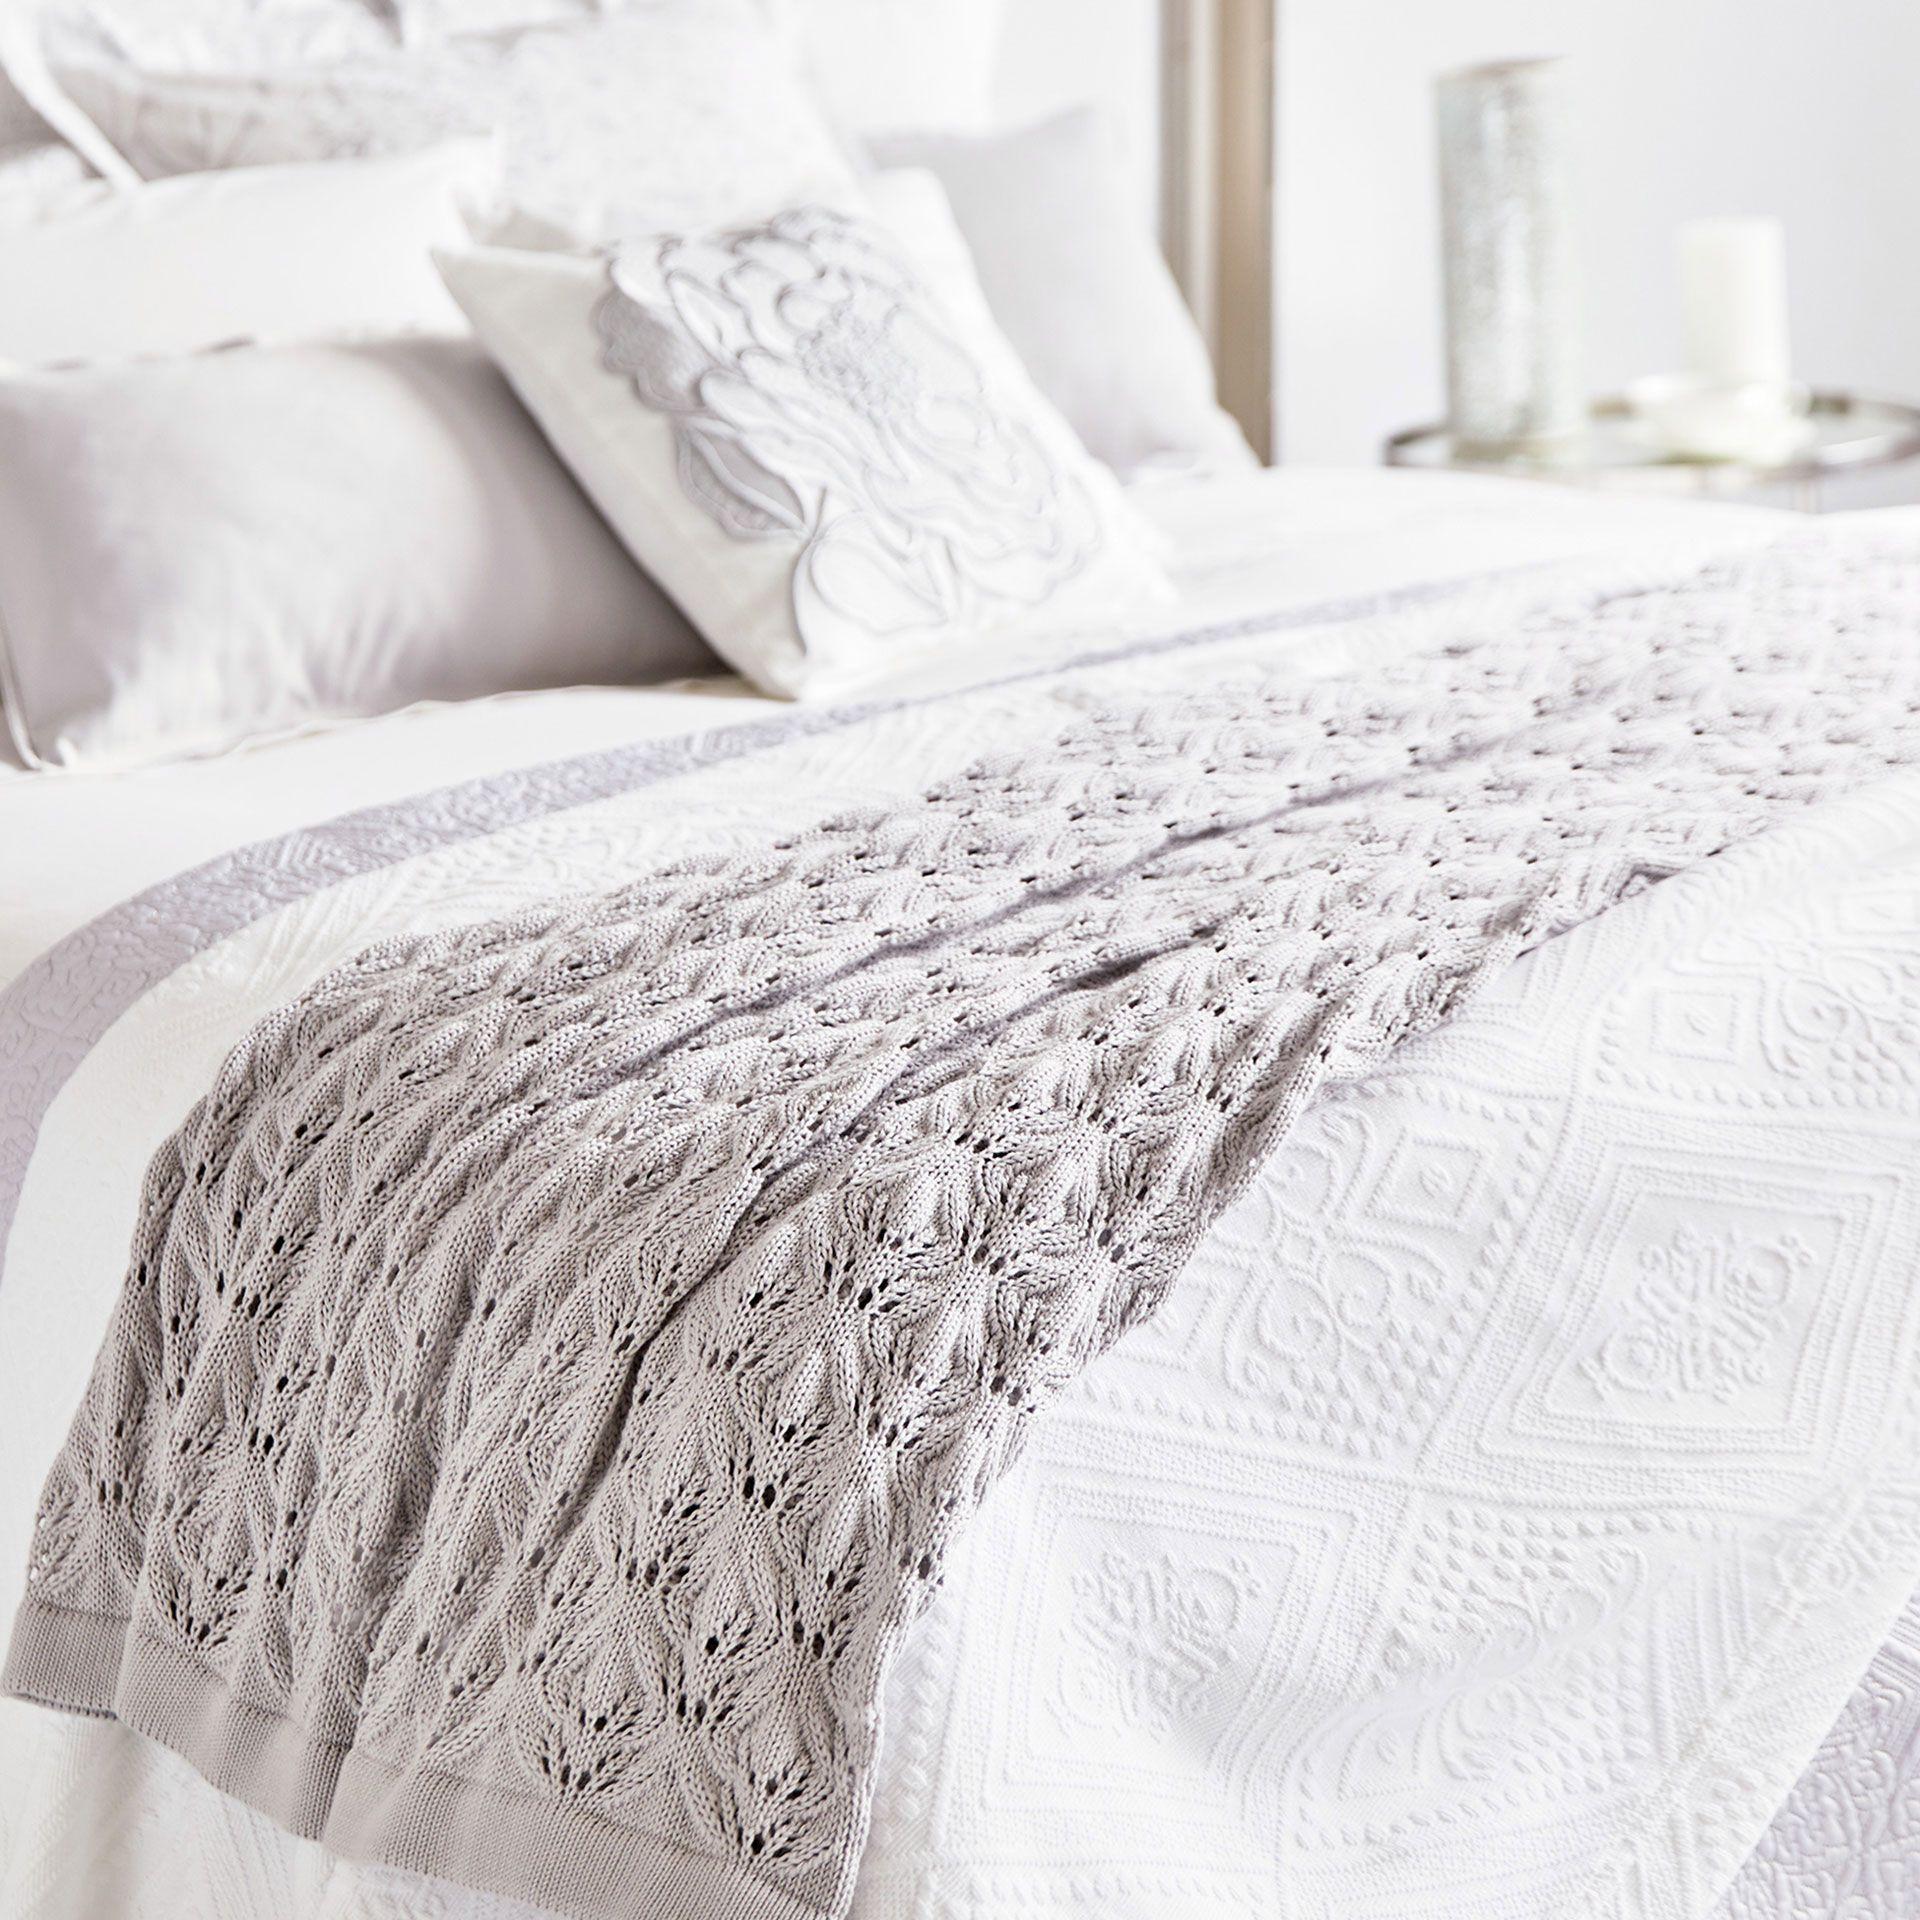 Manta punto calado zara manta y camas for Zara home mantas